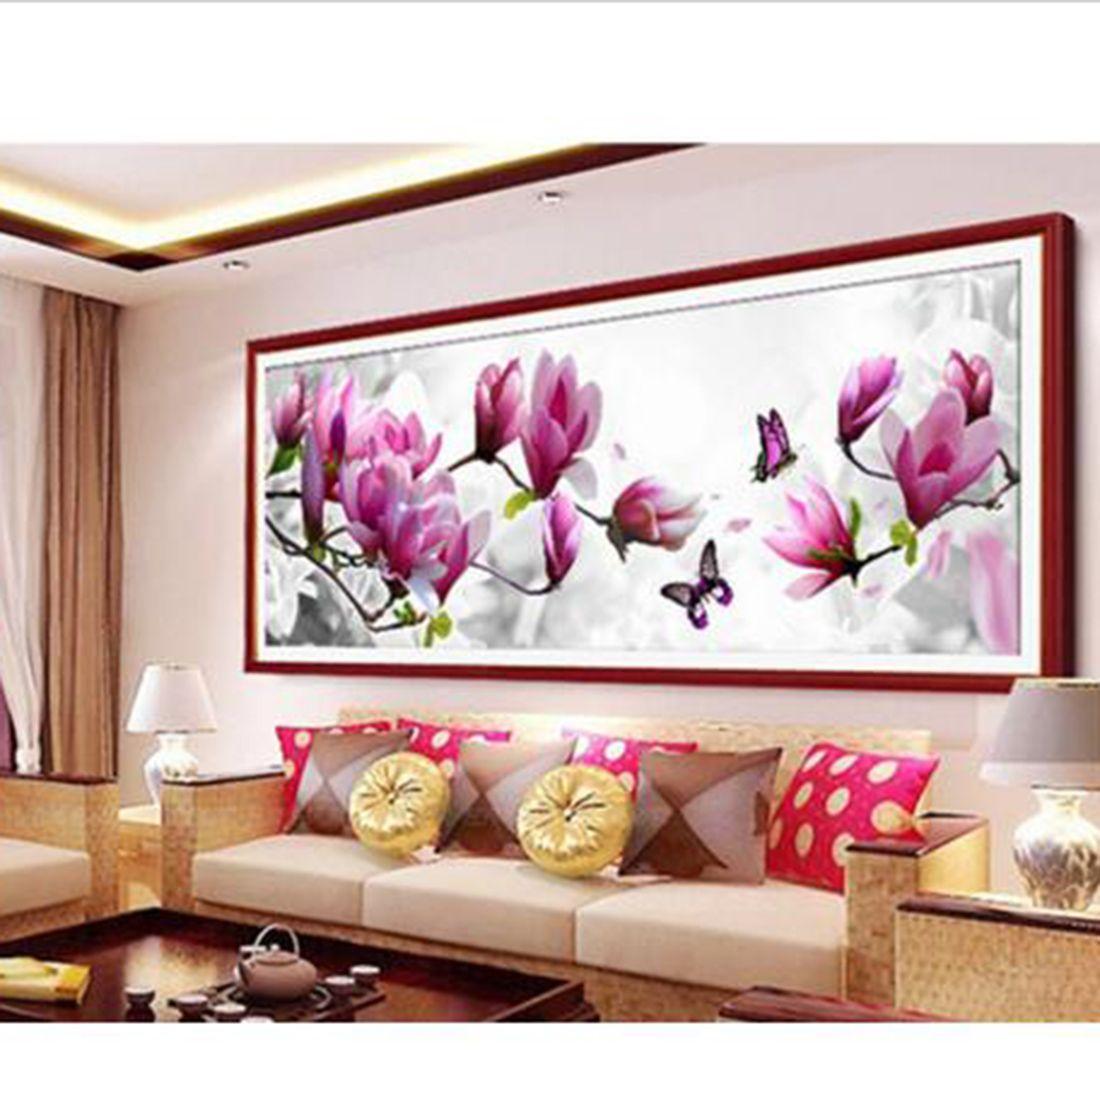 Mode BRICOLAGE 5D Diamant Broderie Papillons jouer Magnolia Ronde Diamant Peinture Point De Croix Kits Diamant Mosaïque Décor À La Maison